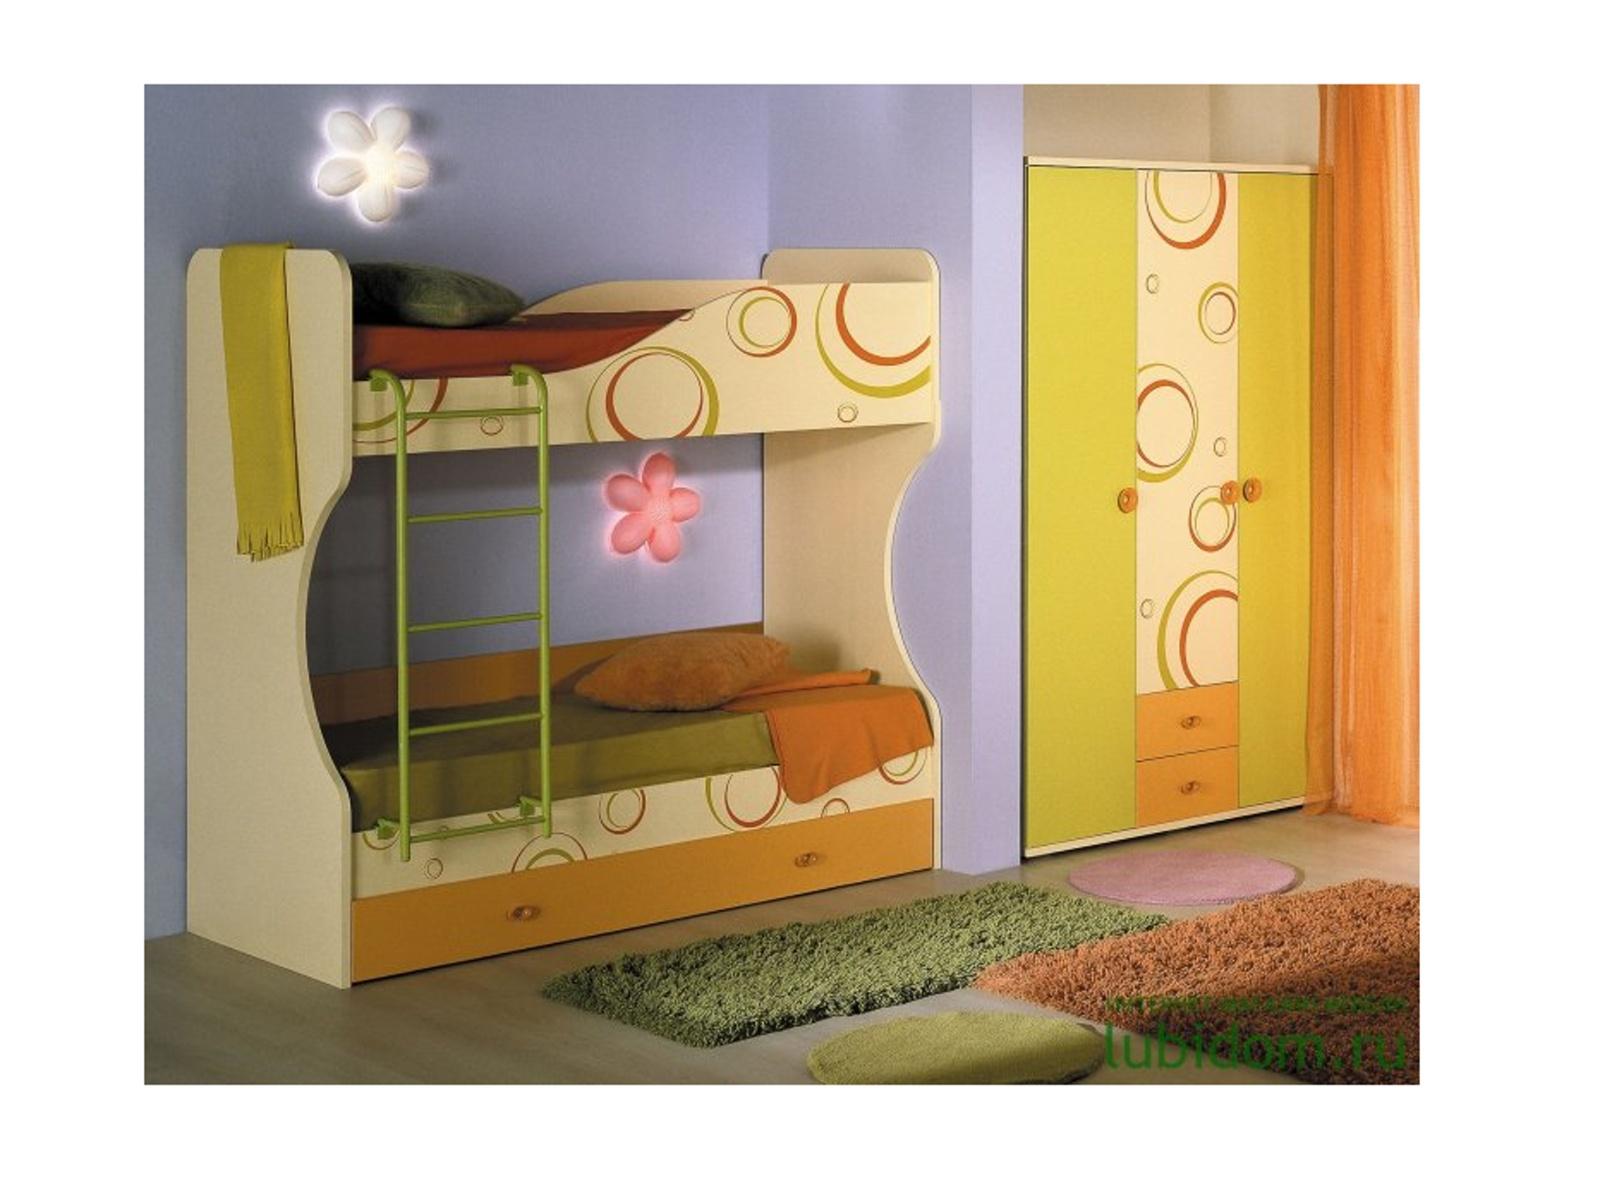 Smartshop Dětský pokoj FRUTTIS, sestava 2